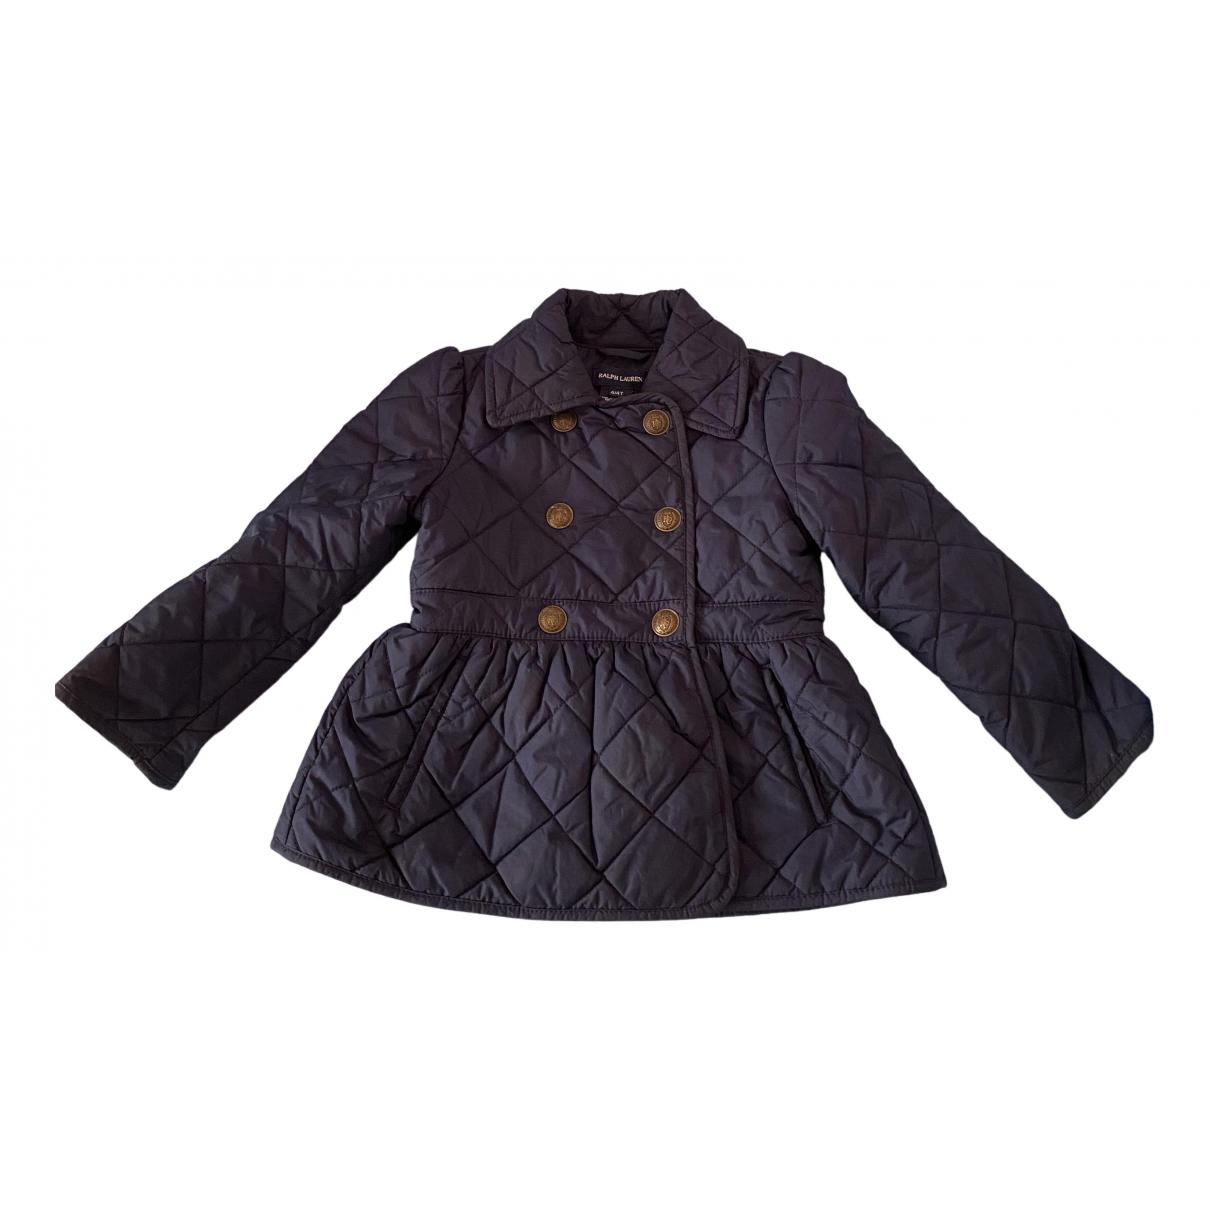 Ralph Lauren - Blousons.Manteaux   pour enfant - bleu